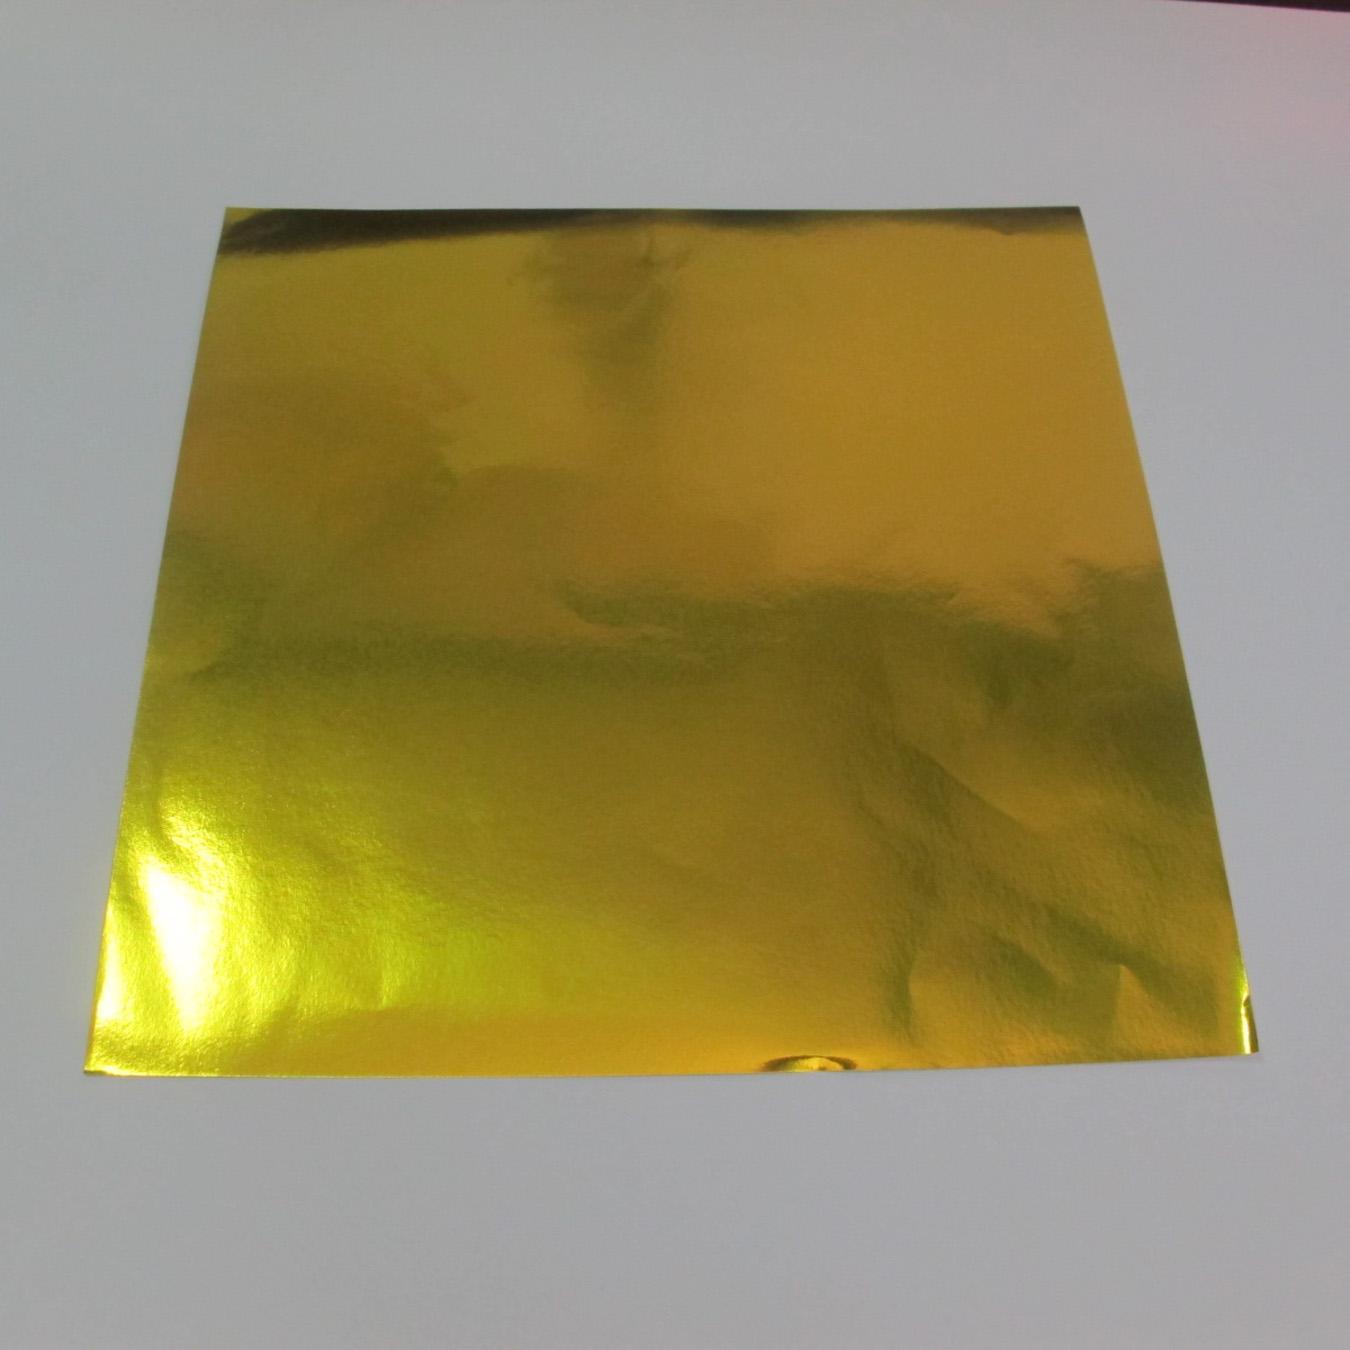 วิธีพับกระดาษเป็นรูปหัวใจติดปีก (Heart Wing Origami) 001